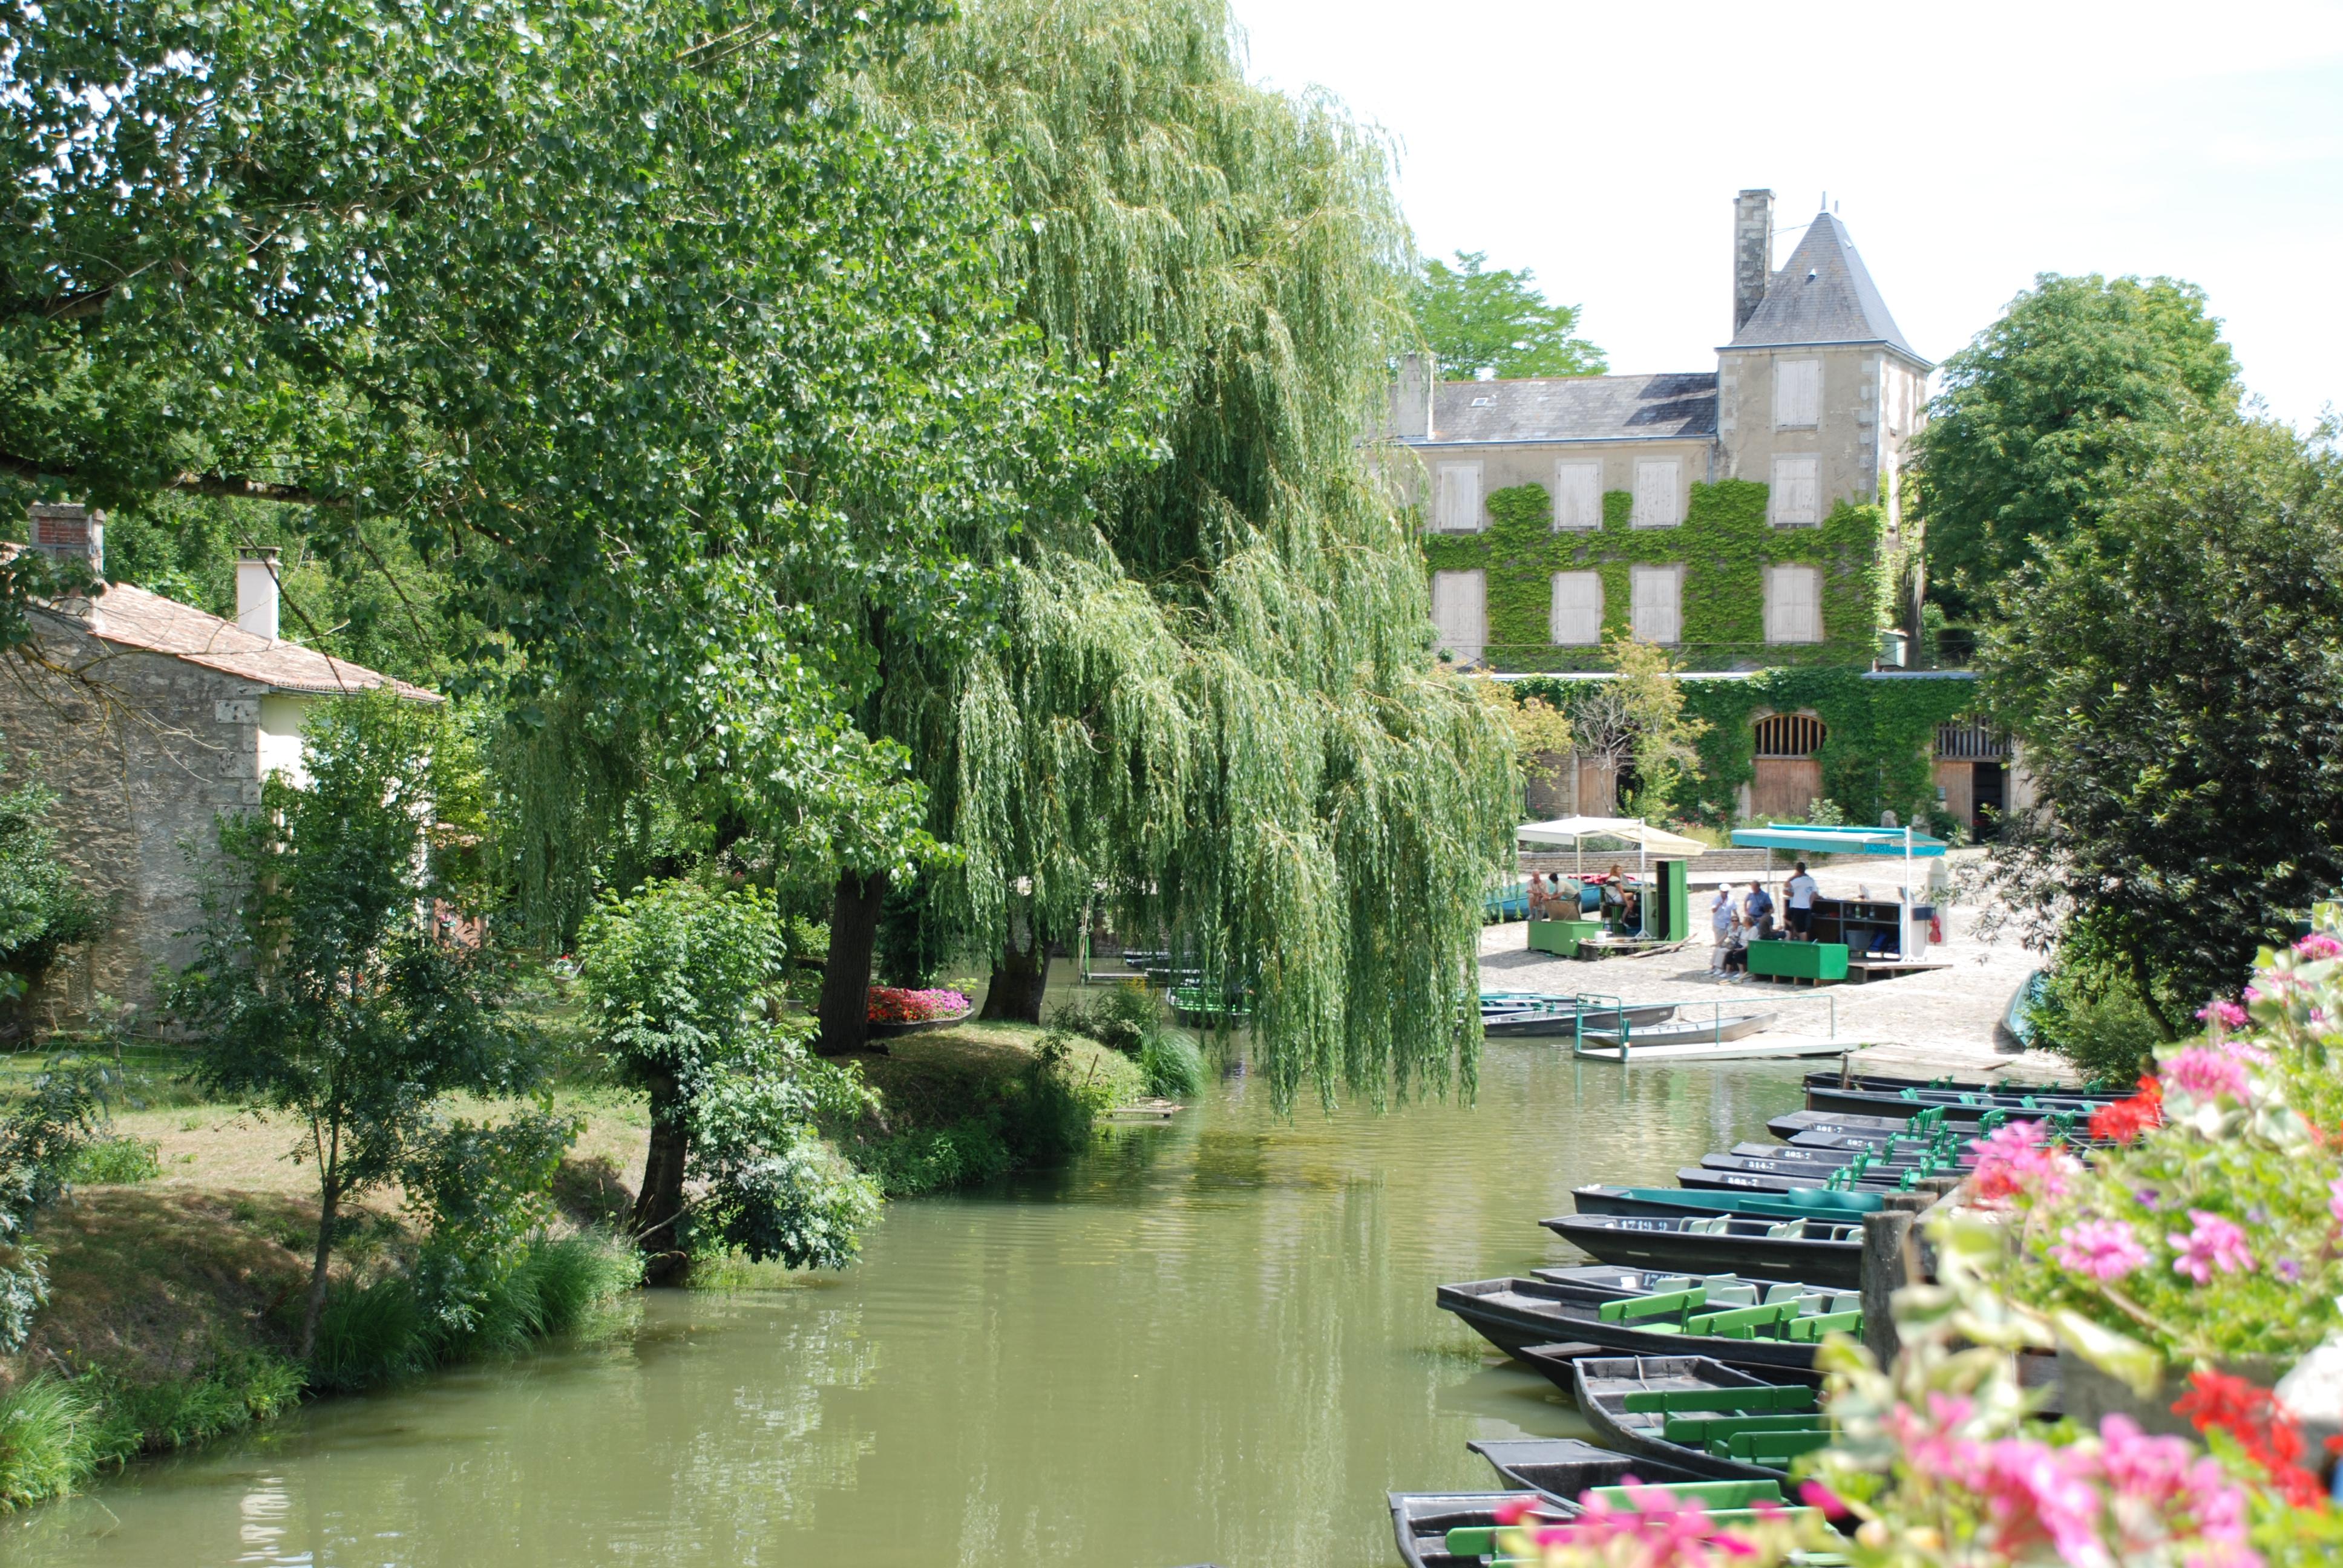 Port d'Arçais avec le logis du XIXème siècle et les embarcadères, village du parc naturel régional du Marais poitevin.